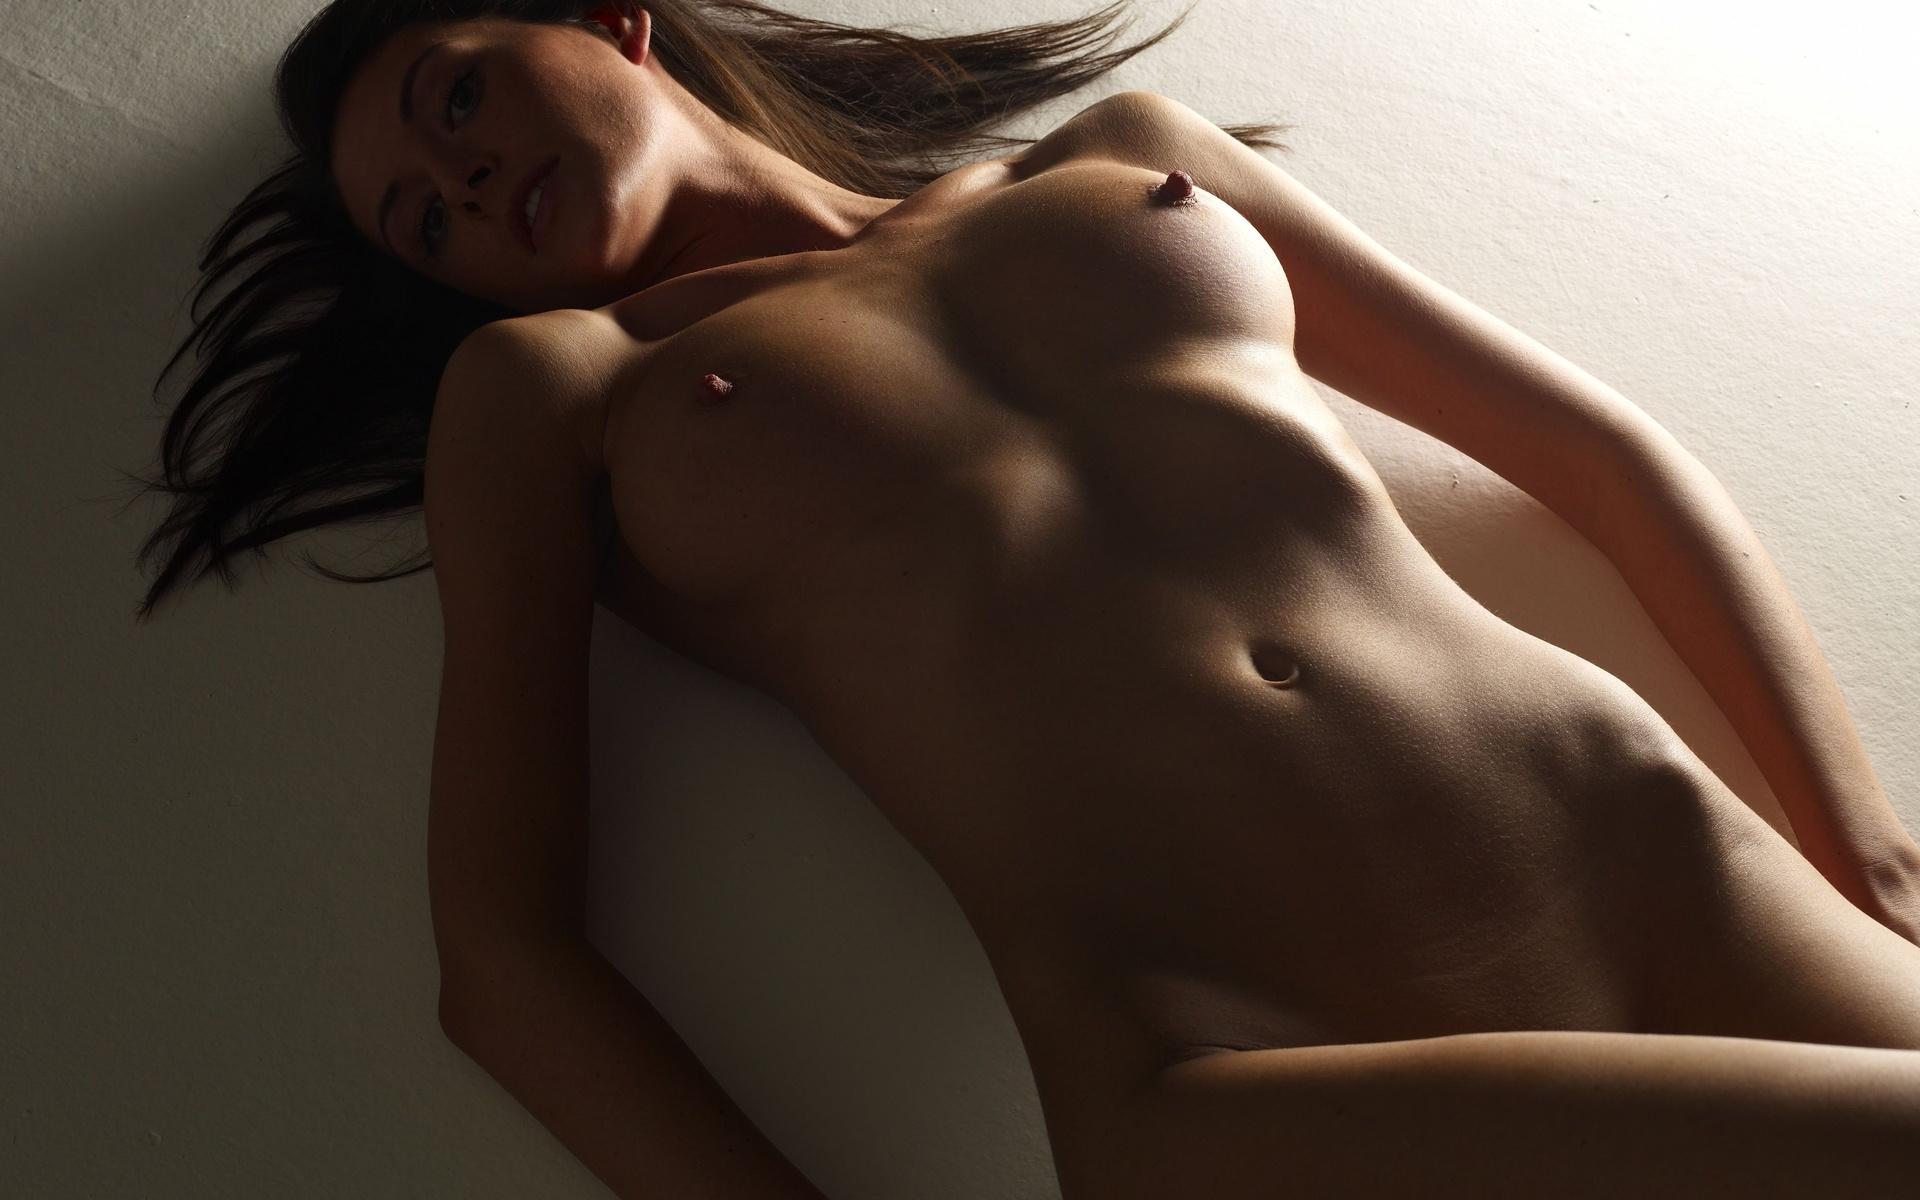 Супер красивая возбужденная грудь 24 фотография